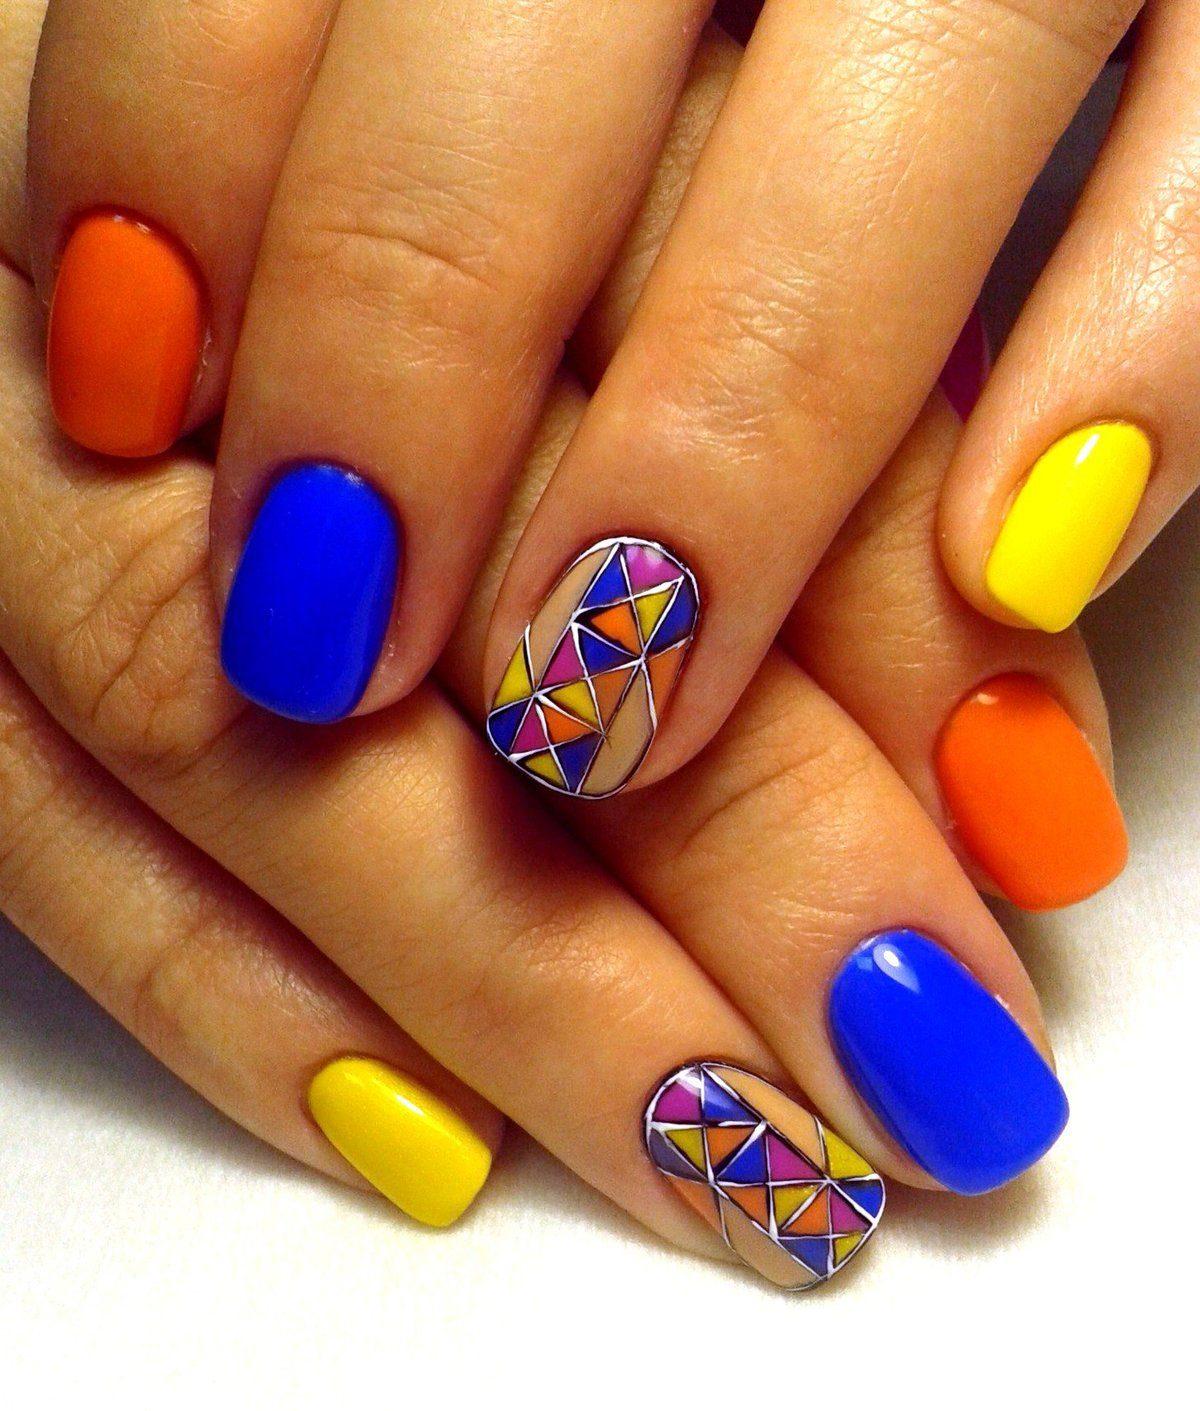 Красивые сочетания цветов в маникюре. 200 фото новинок модных идей на короткие и длинные ногти